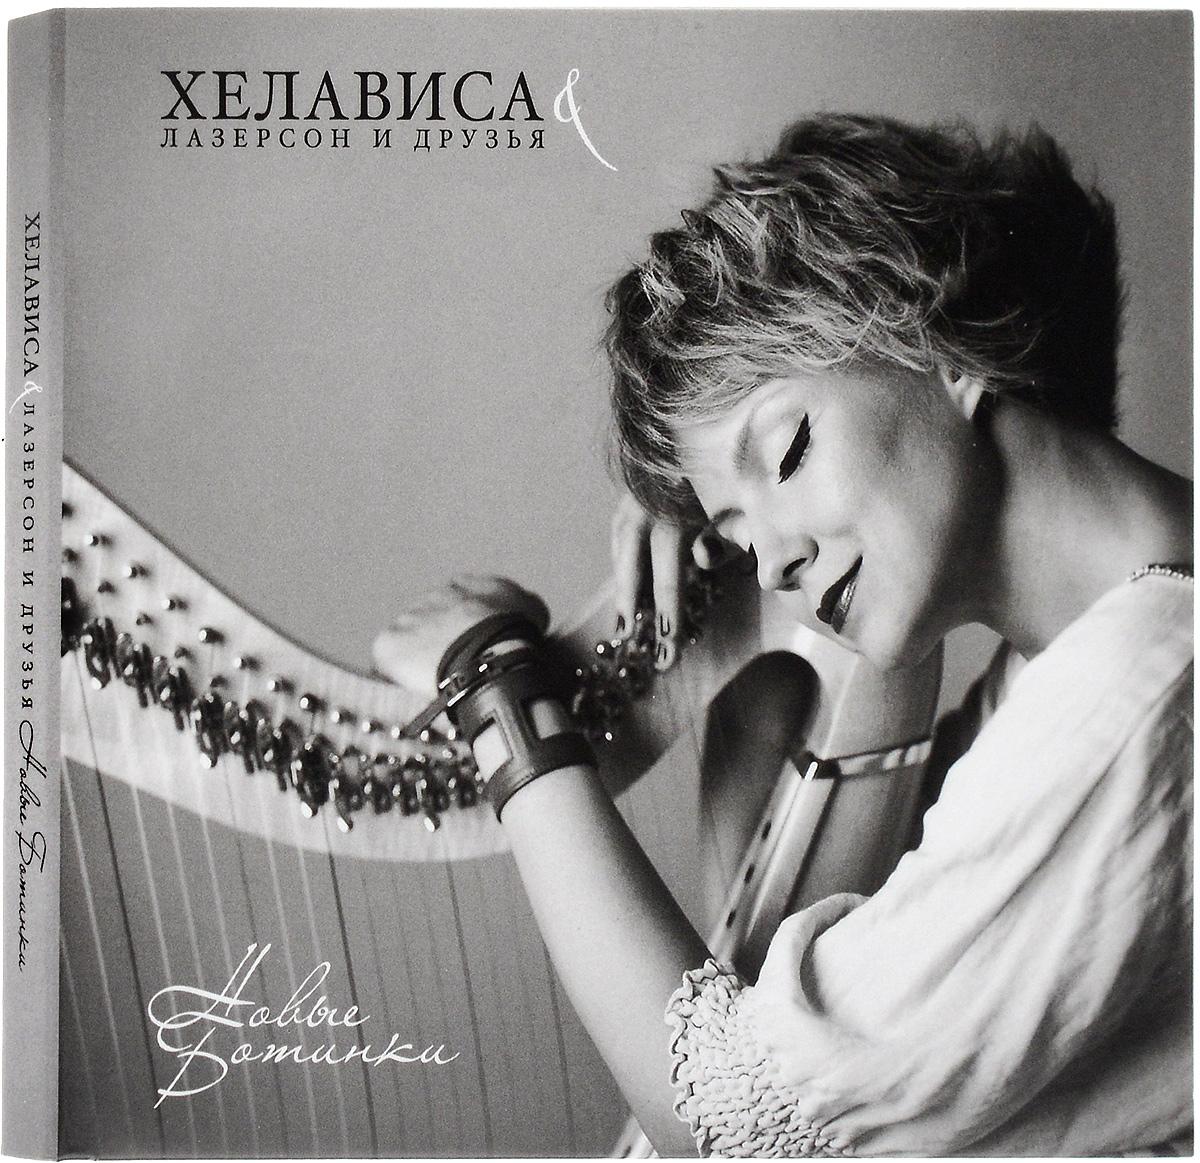 Издание содержит 16-страничный буклет с иллюстрациями и текстами песен на кельтском языке.